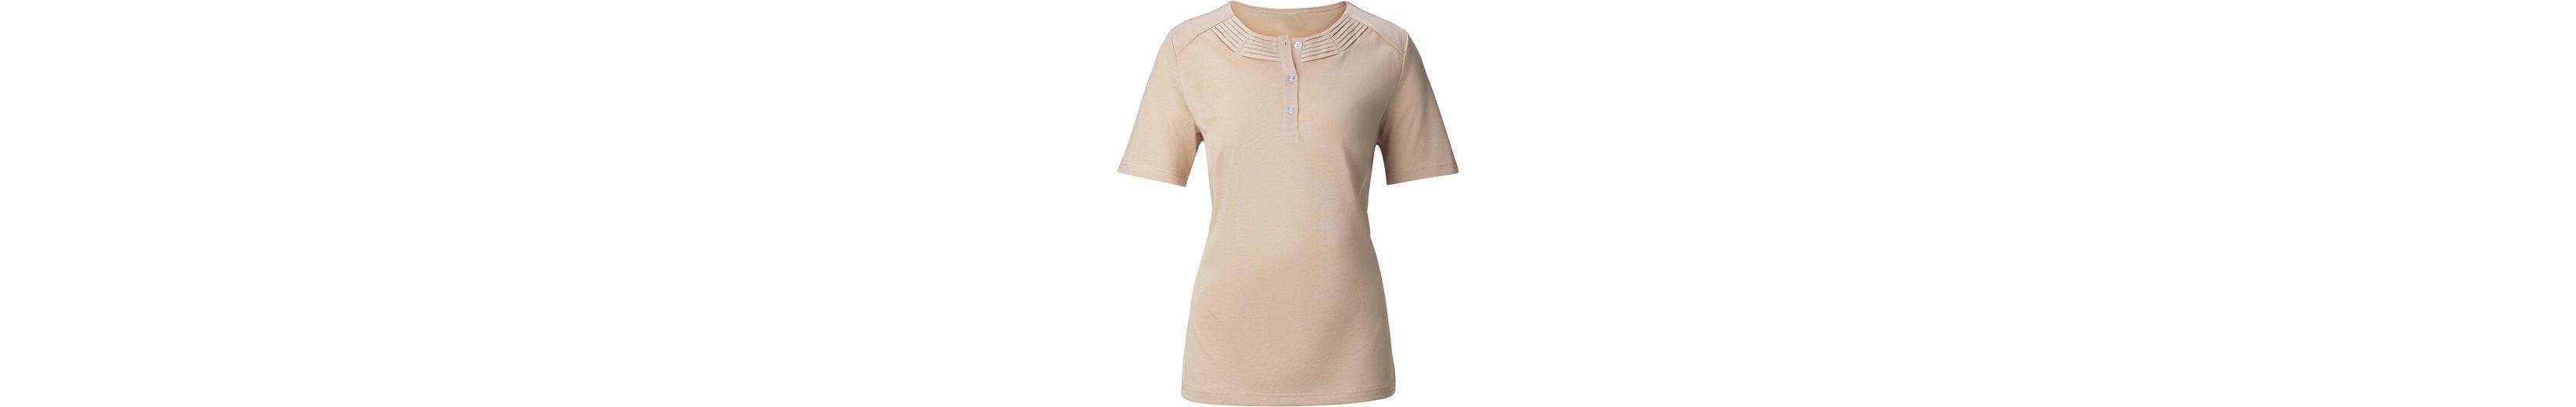 Beste Authentisch Shirt in überzeugender Superjersey-Qualität Verkauf Erkunden Komfortabel Günstig Online Günstig Kosten B1wJMZJM